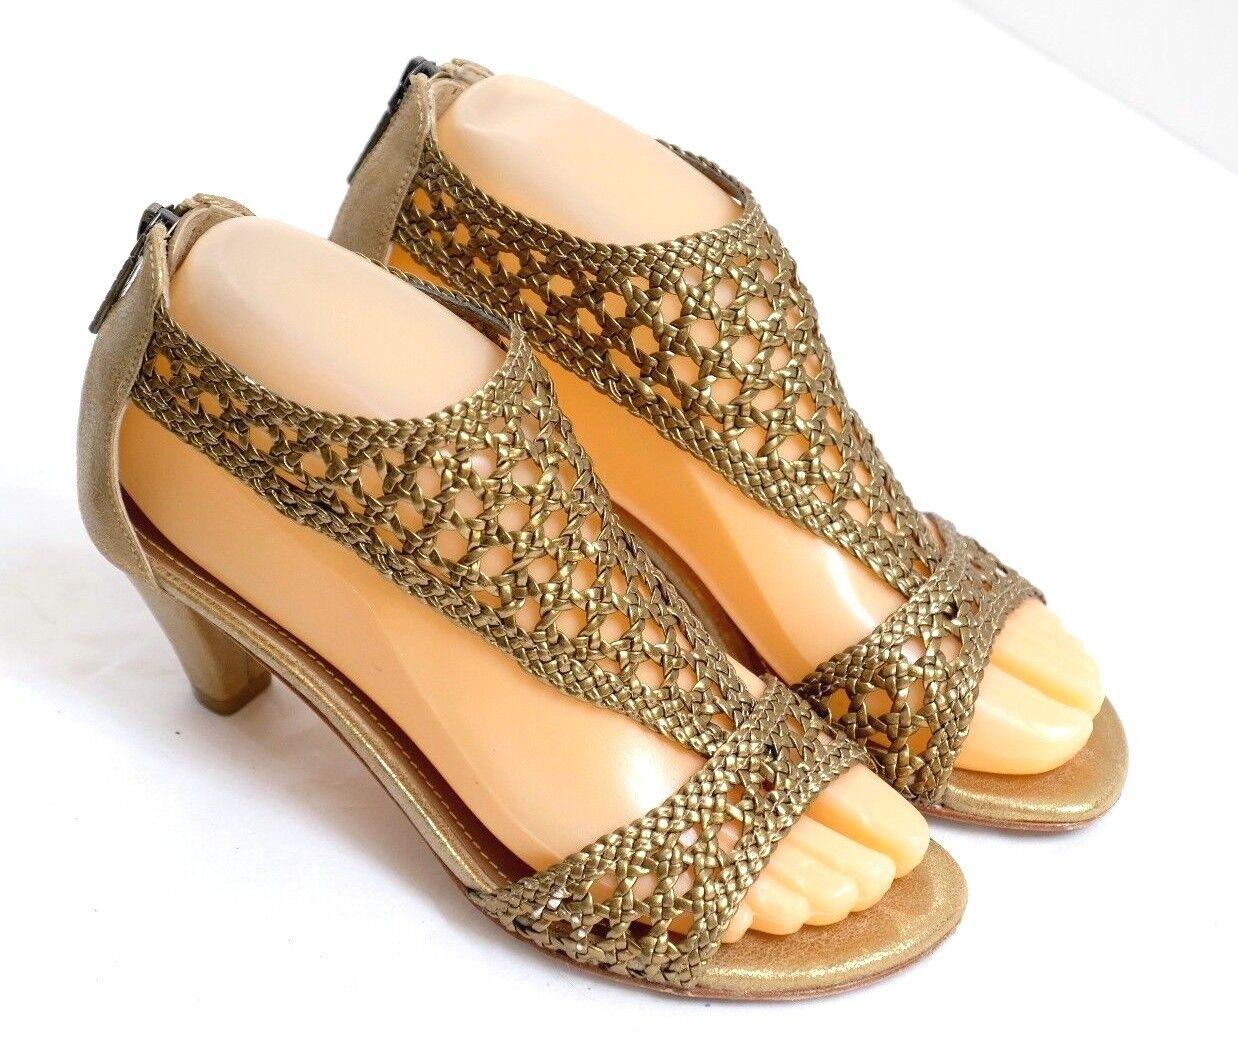 VGUC+ Donald J Pliner Women's Sz 5.5M Antique gold Leather T-Strap Zipper Heels